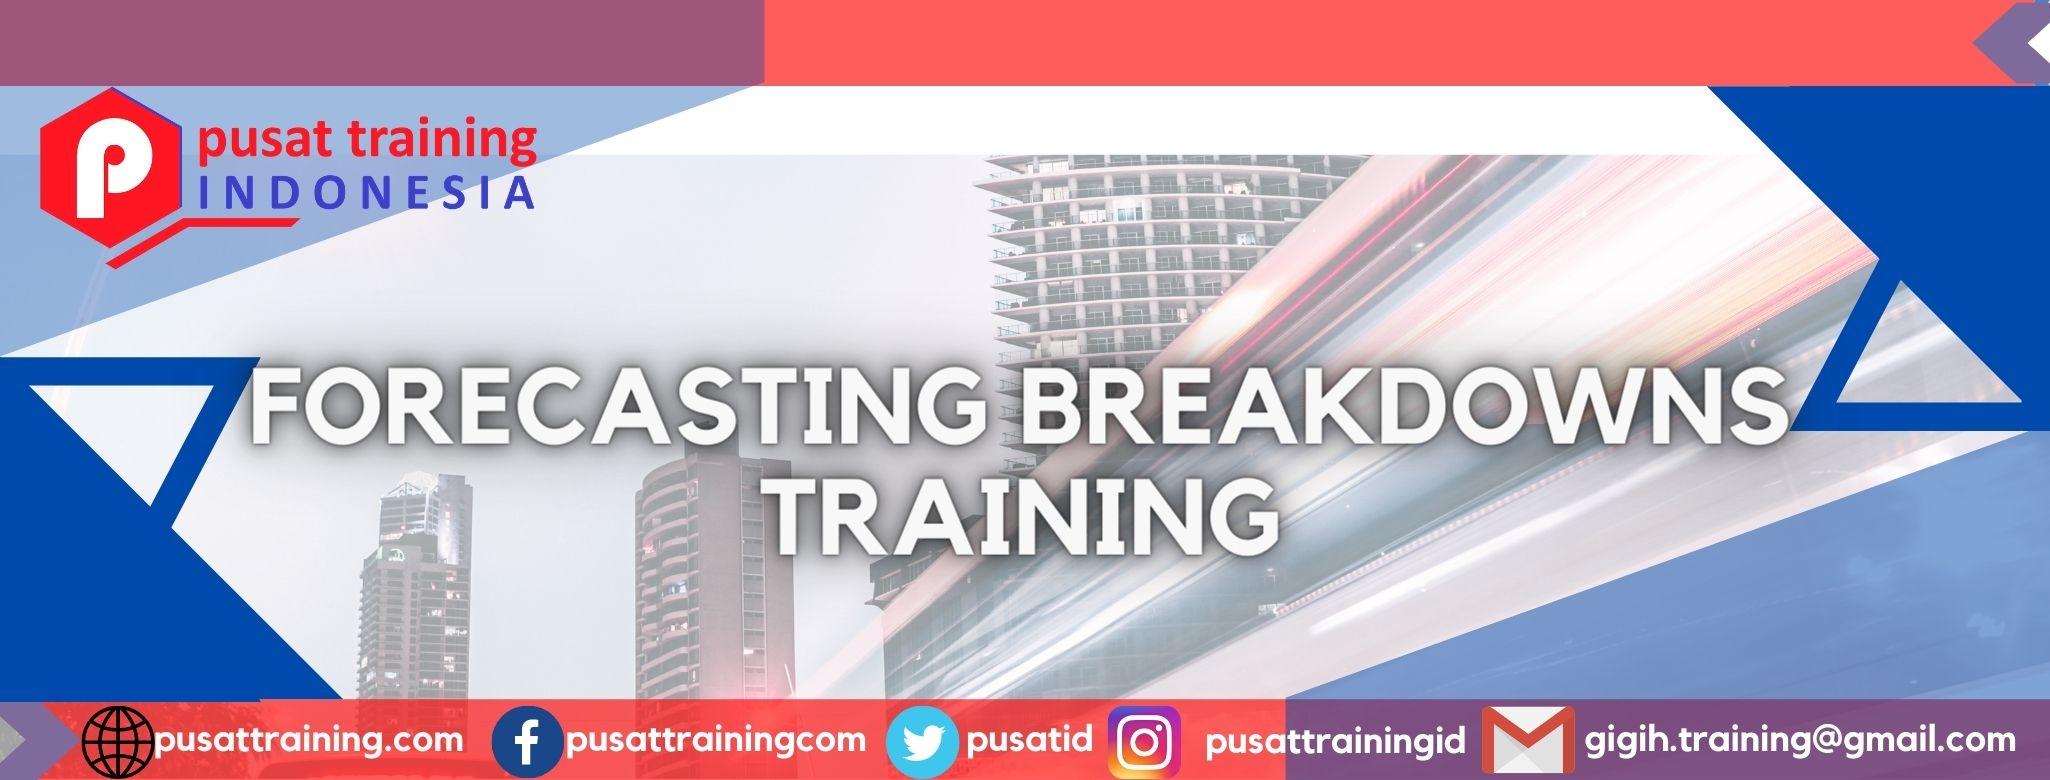 forecasting-breakdown-training